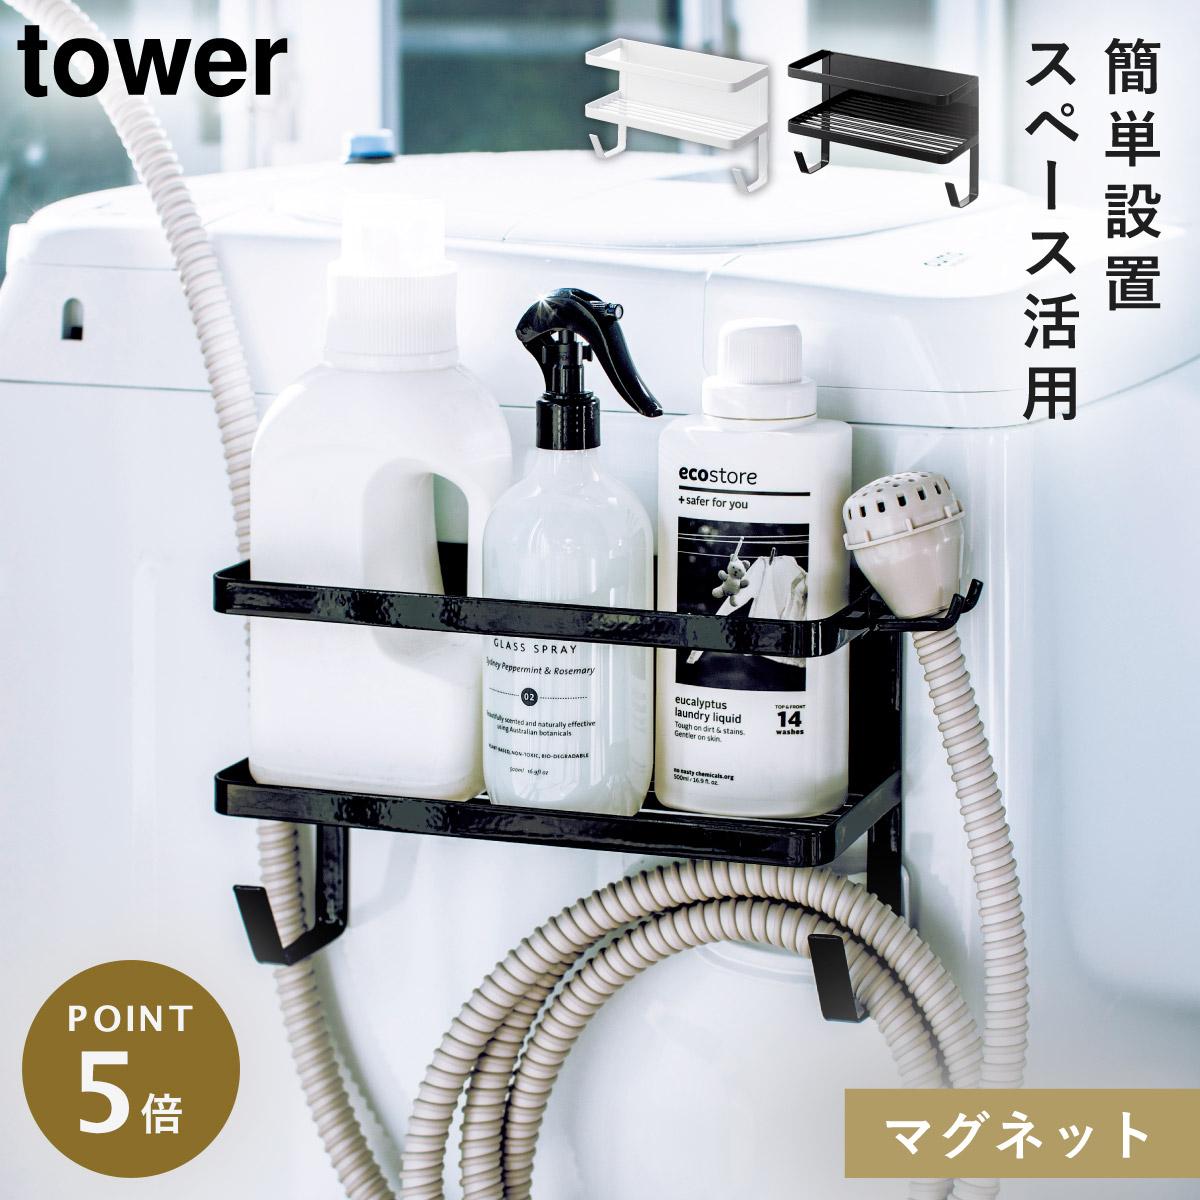 洗濯機横マグネット収納ラック 洗濯機横 ラック マグネット ホースホルダー付き洗濯機横マグネットラック タワー